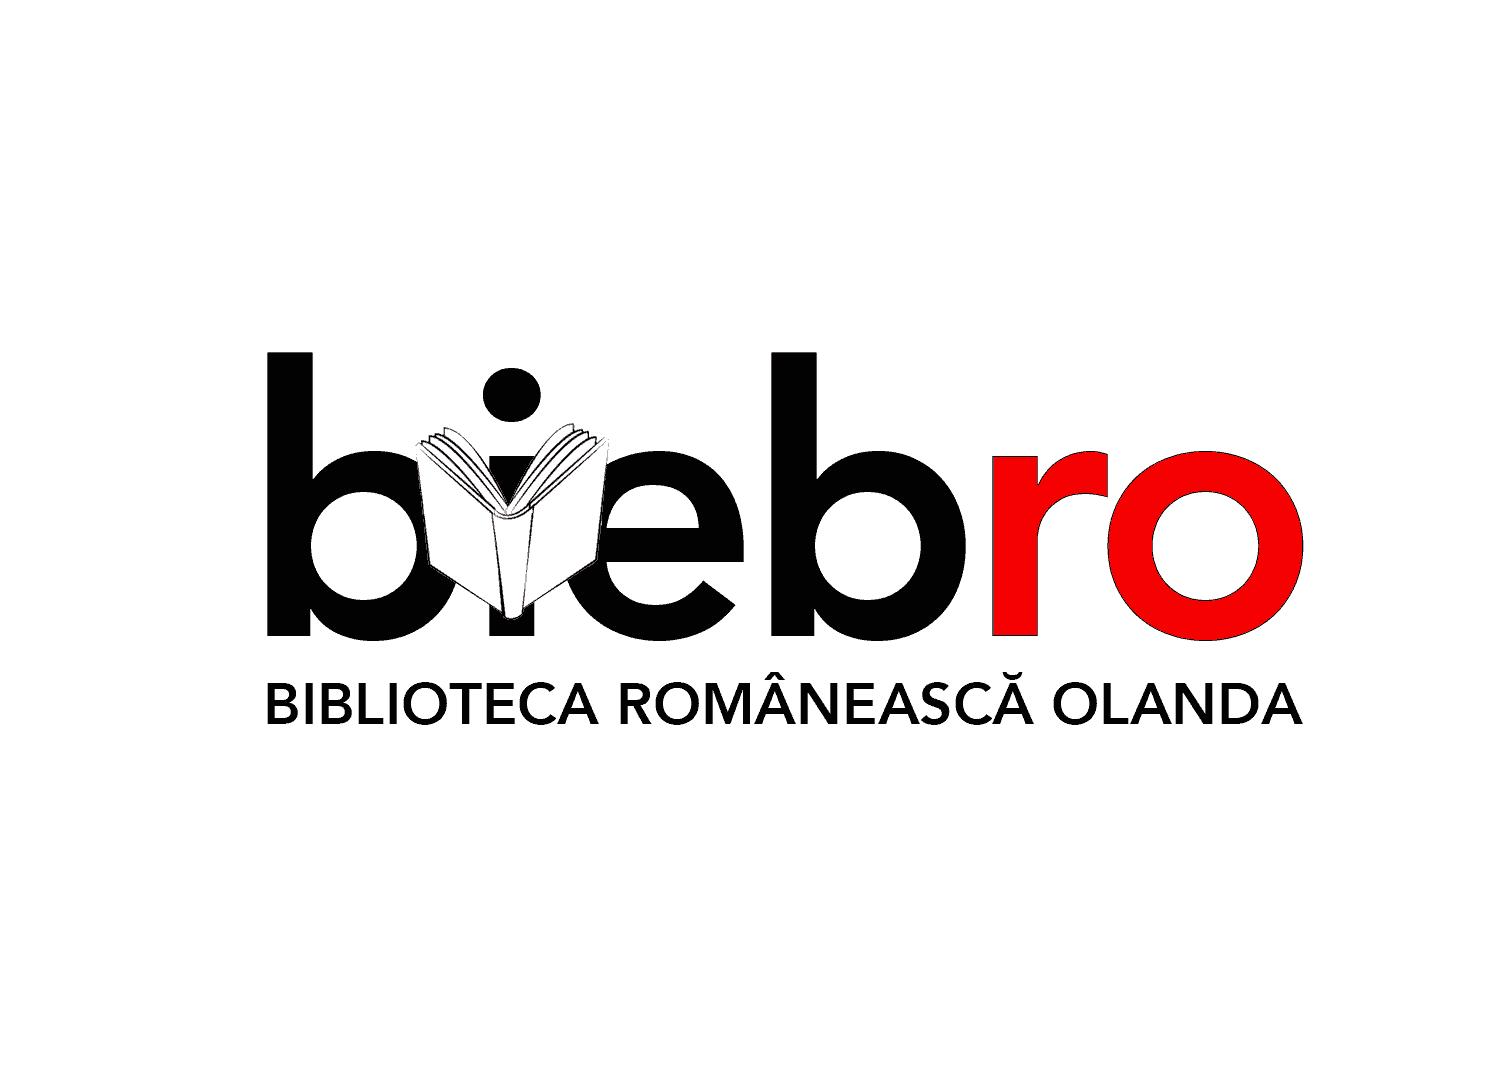 Retrospectiva 2020 pentru Biblioteca Românească Olanda BiebRO